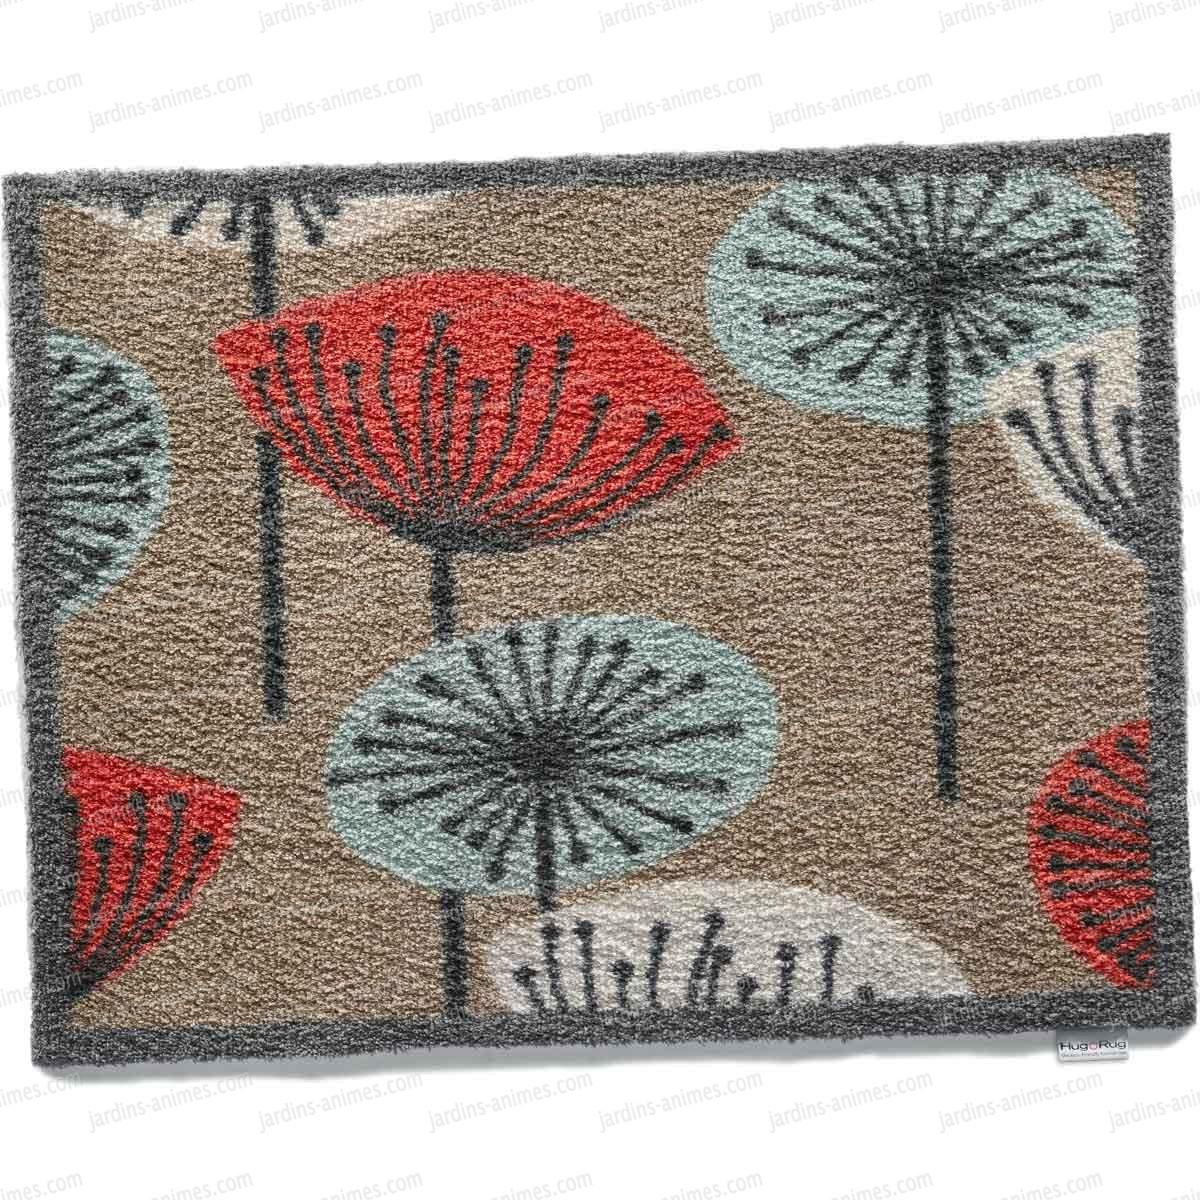 paillasson motif nature11 100 recycl 65x85cm paillasson nettoie bottes. Black Bedroom Furniture Sets. Home Design Ideas